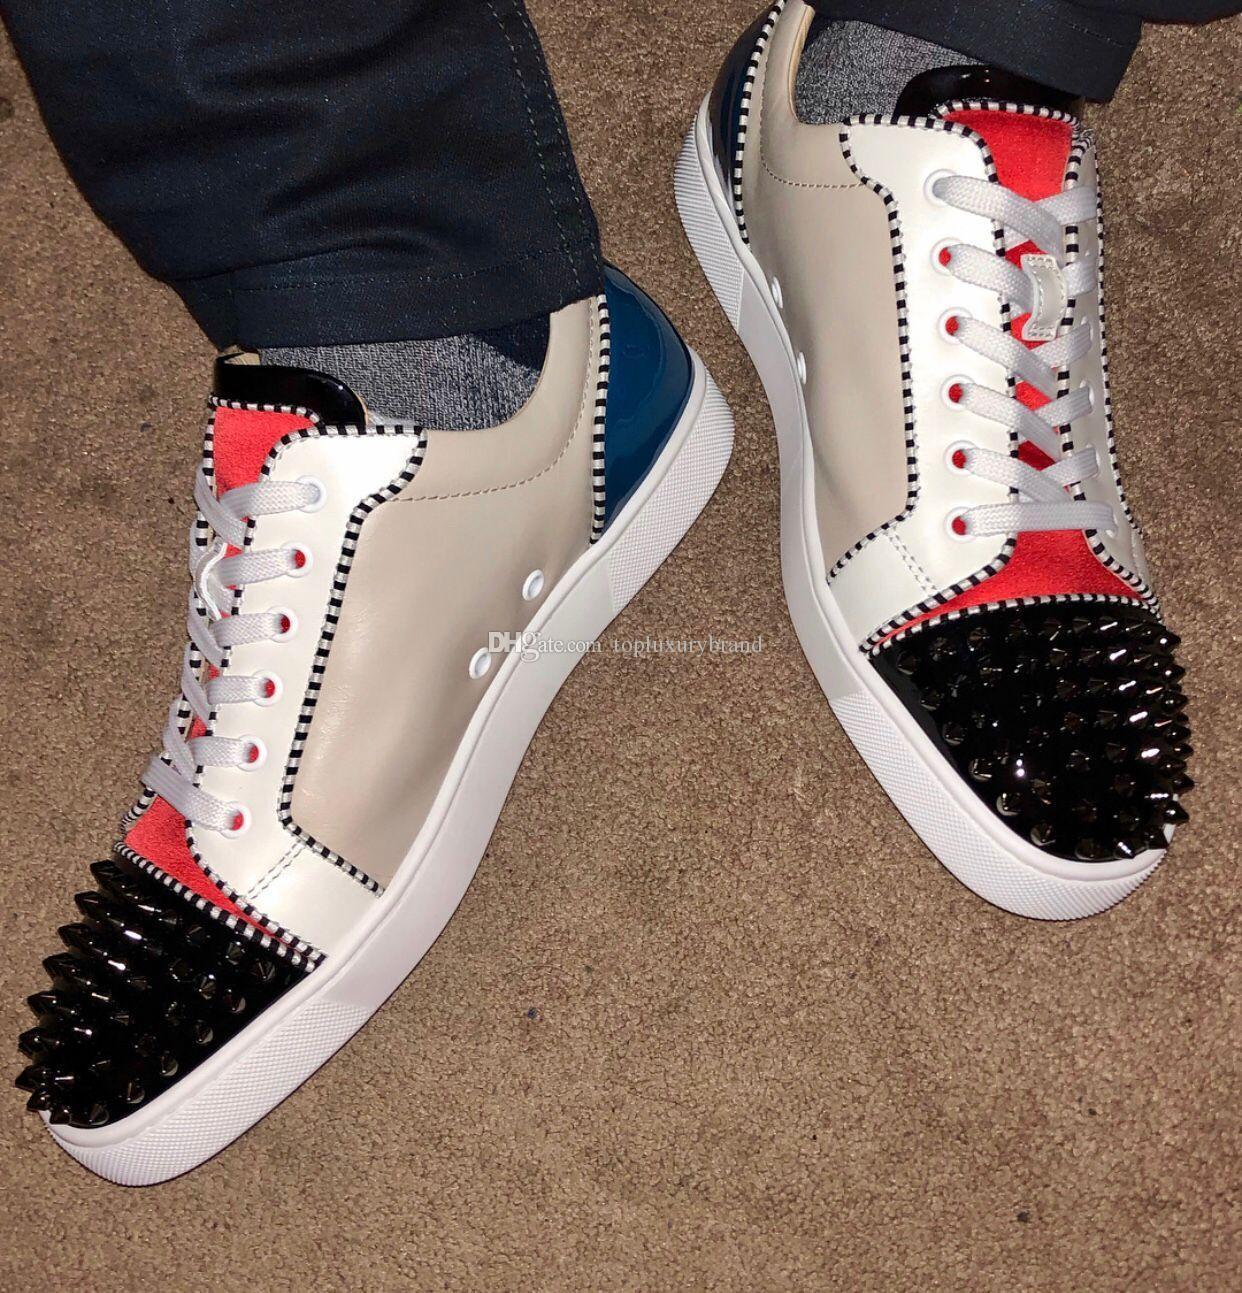 Luxo Shoes Projeto solas vermelhas, masculino Primavera-Verão Low Top parte inferior vermelha de couro Homens Plano Spikes Patchwork Sneakers Studded Toe Lace-up Tr